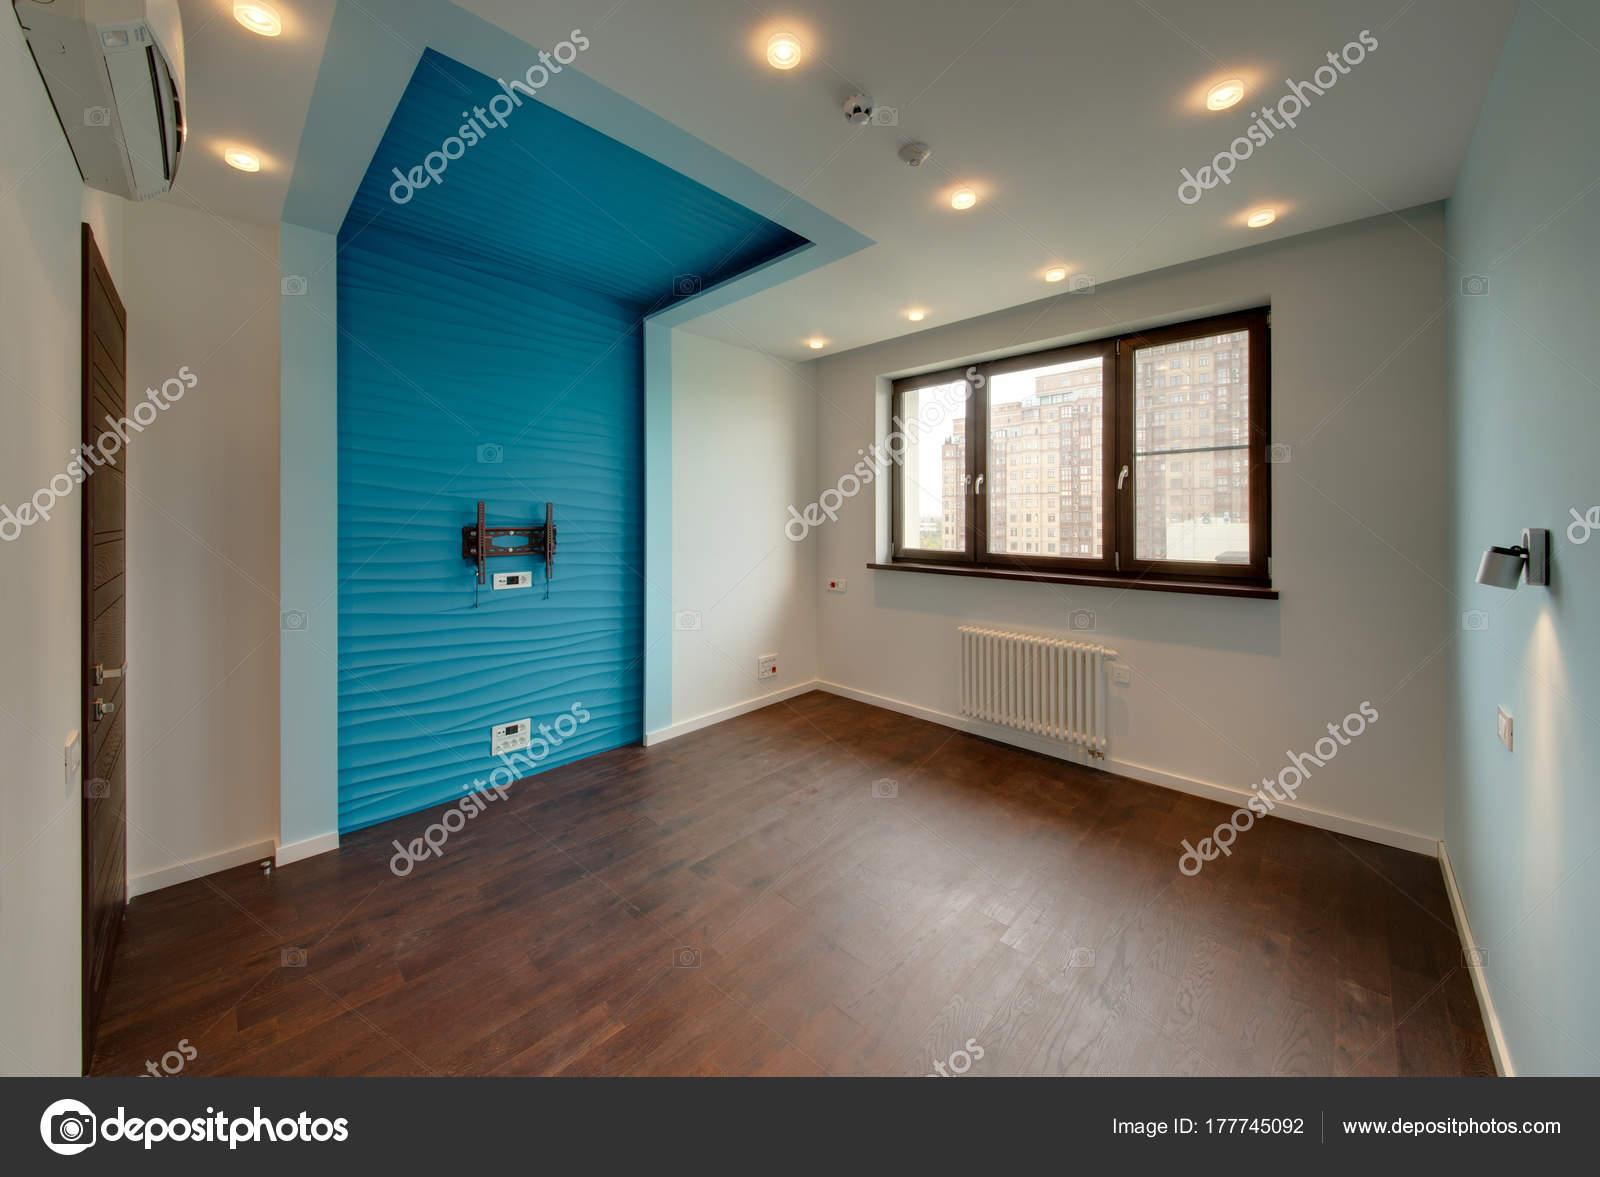 Chambre Avec Insert Bleu Sous Téléviseur Une Fenêtre Marron ...